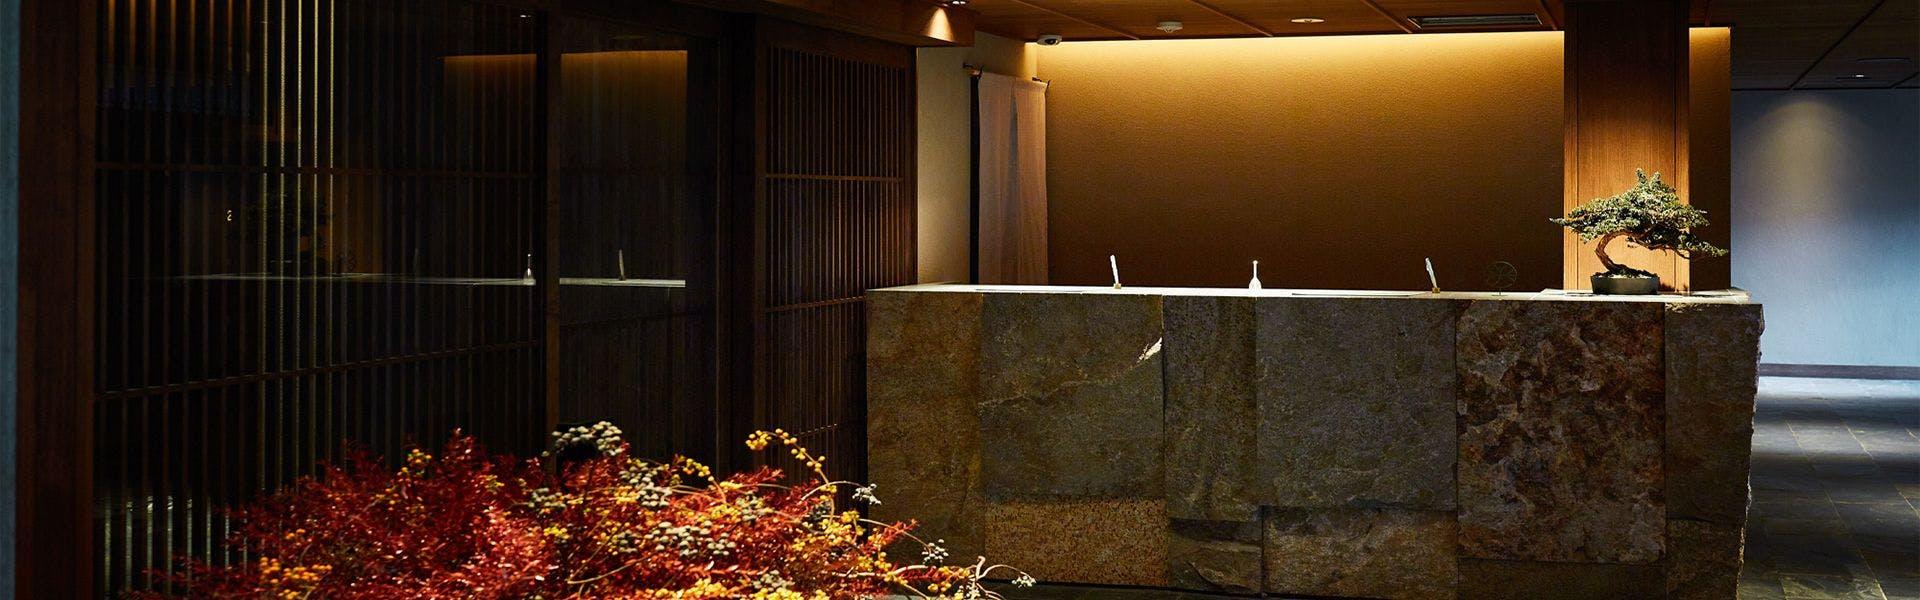 記念日におすすめのホテル・【温泉旅館 由縁別邸 東京代田】の写真2